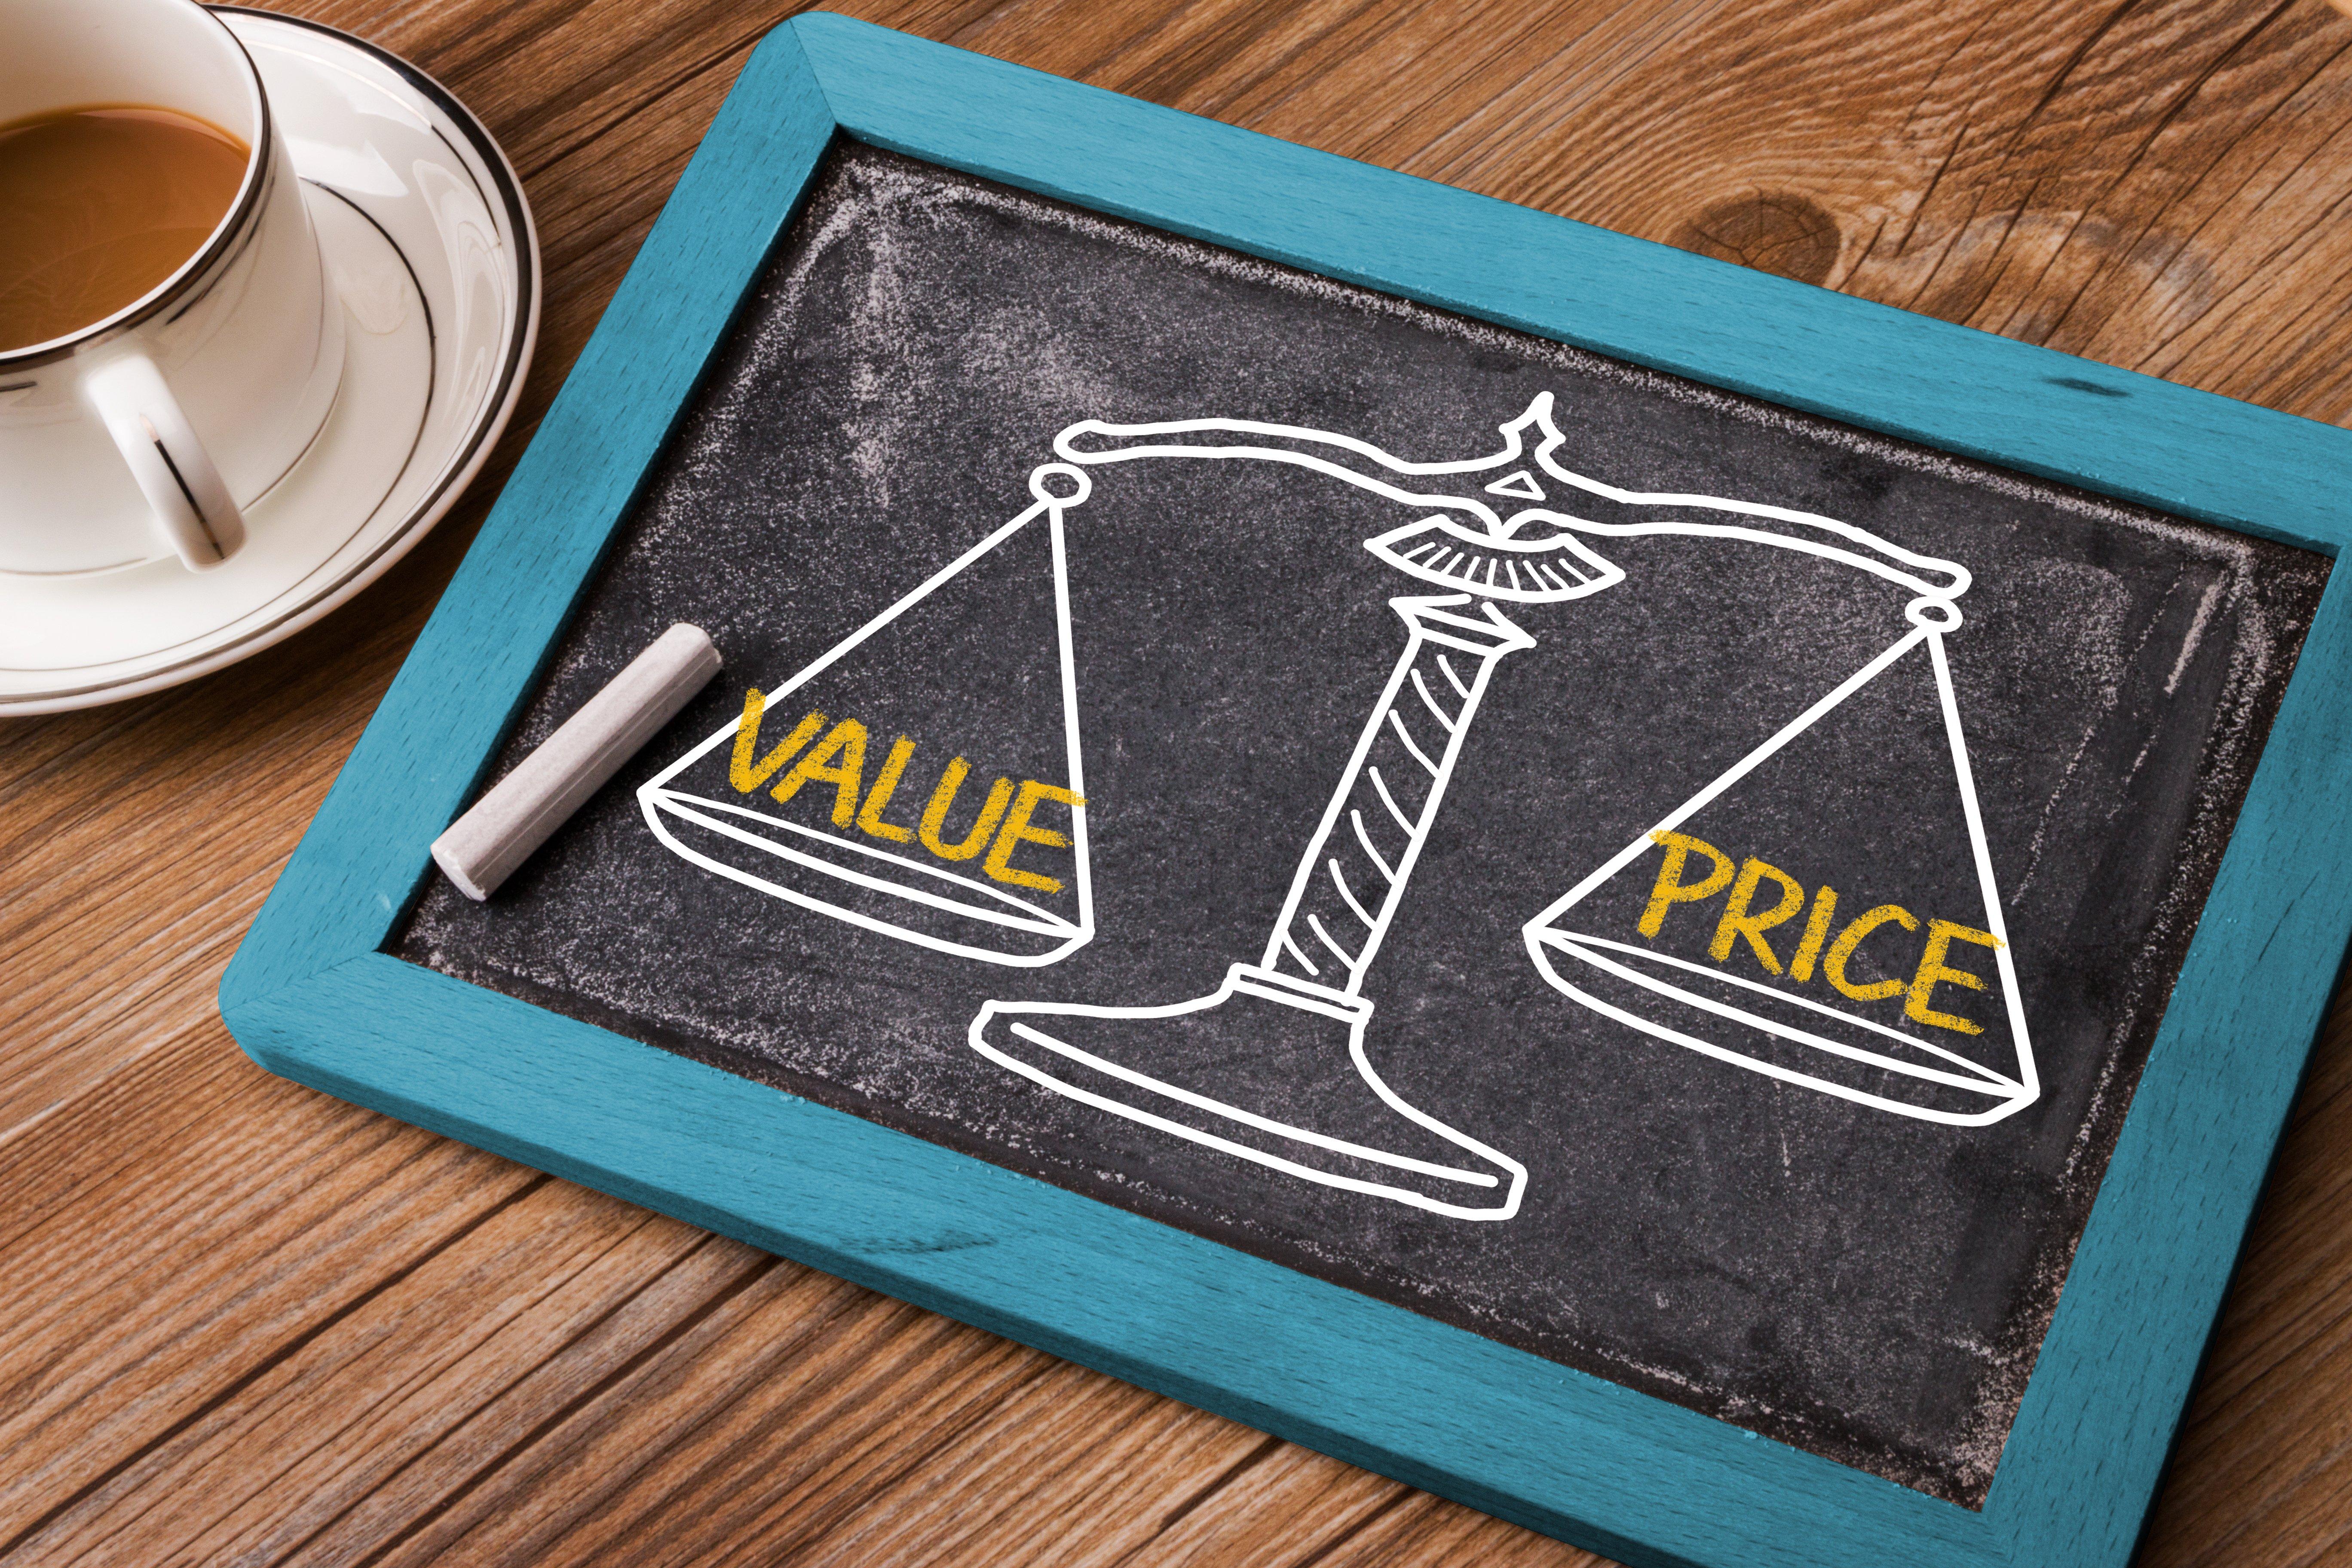 Er det prisen eller verdien som er viktig?